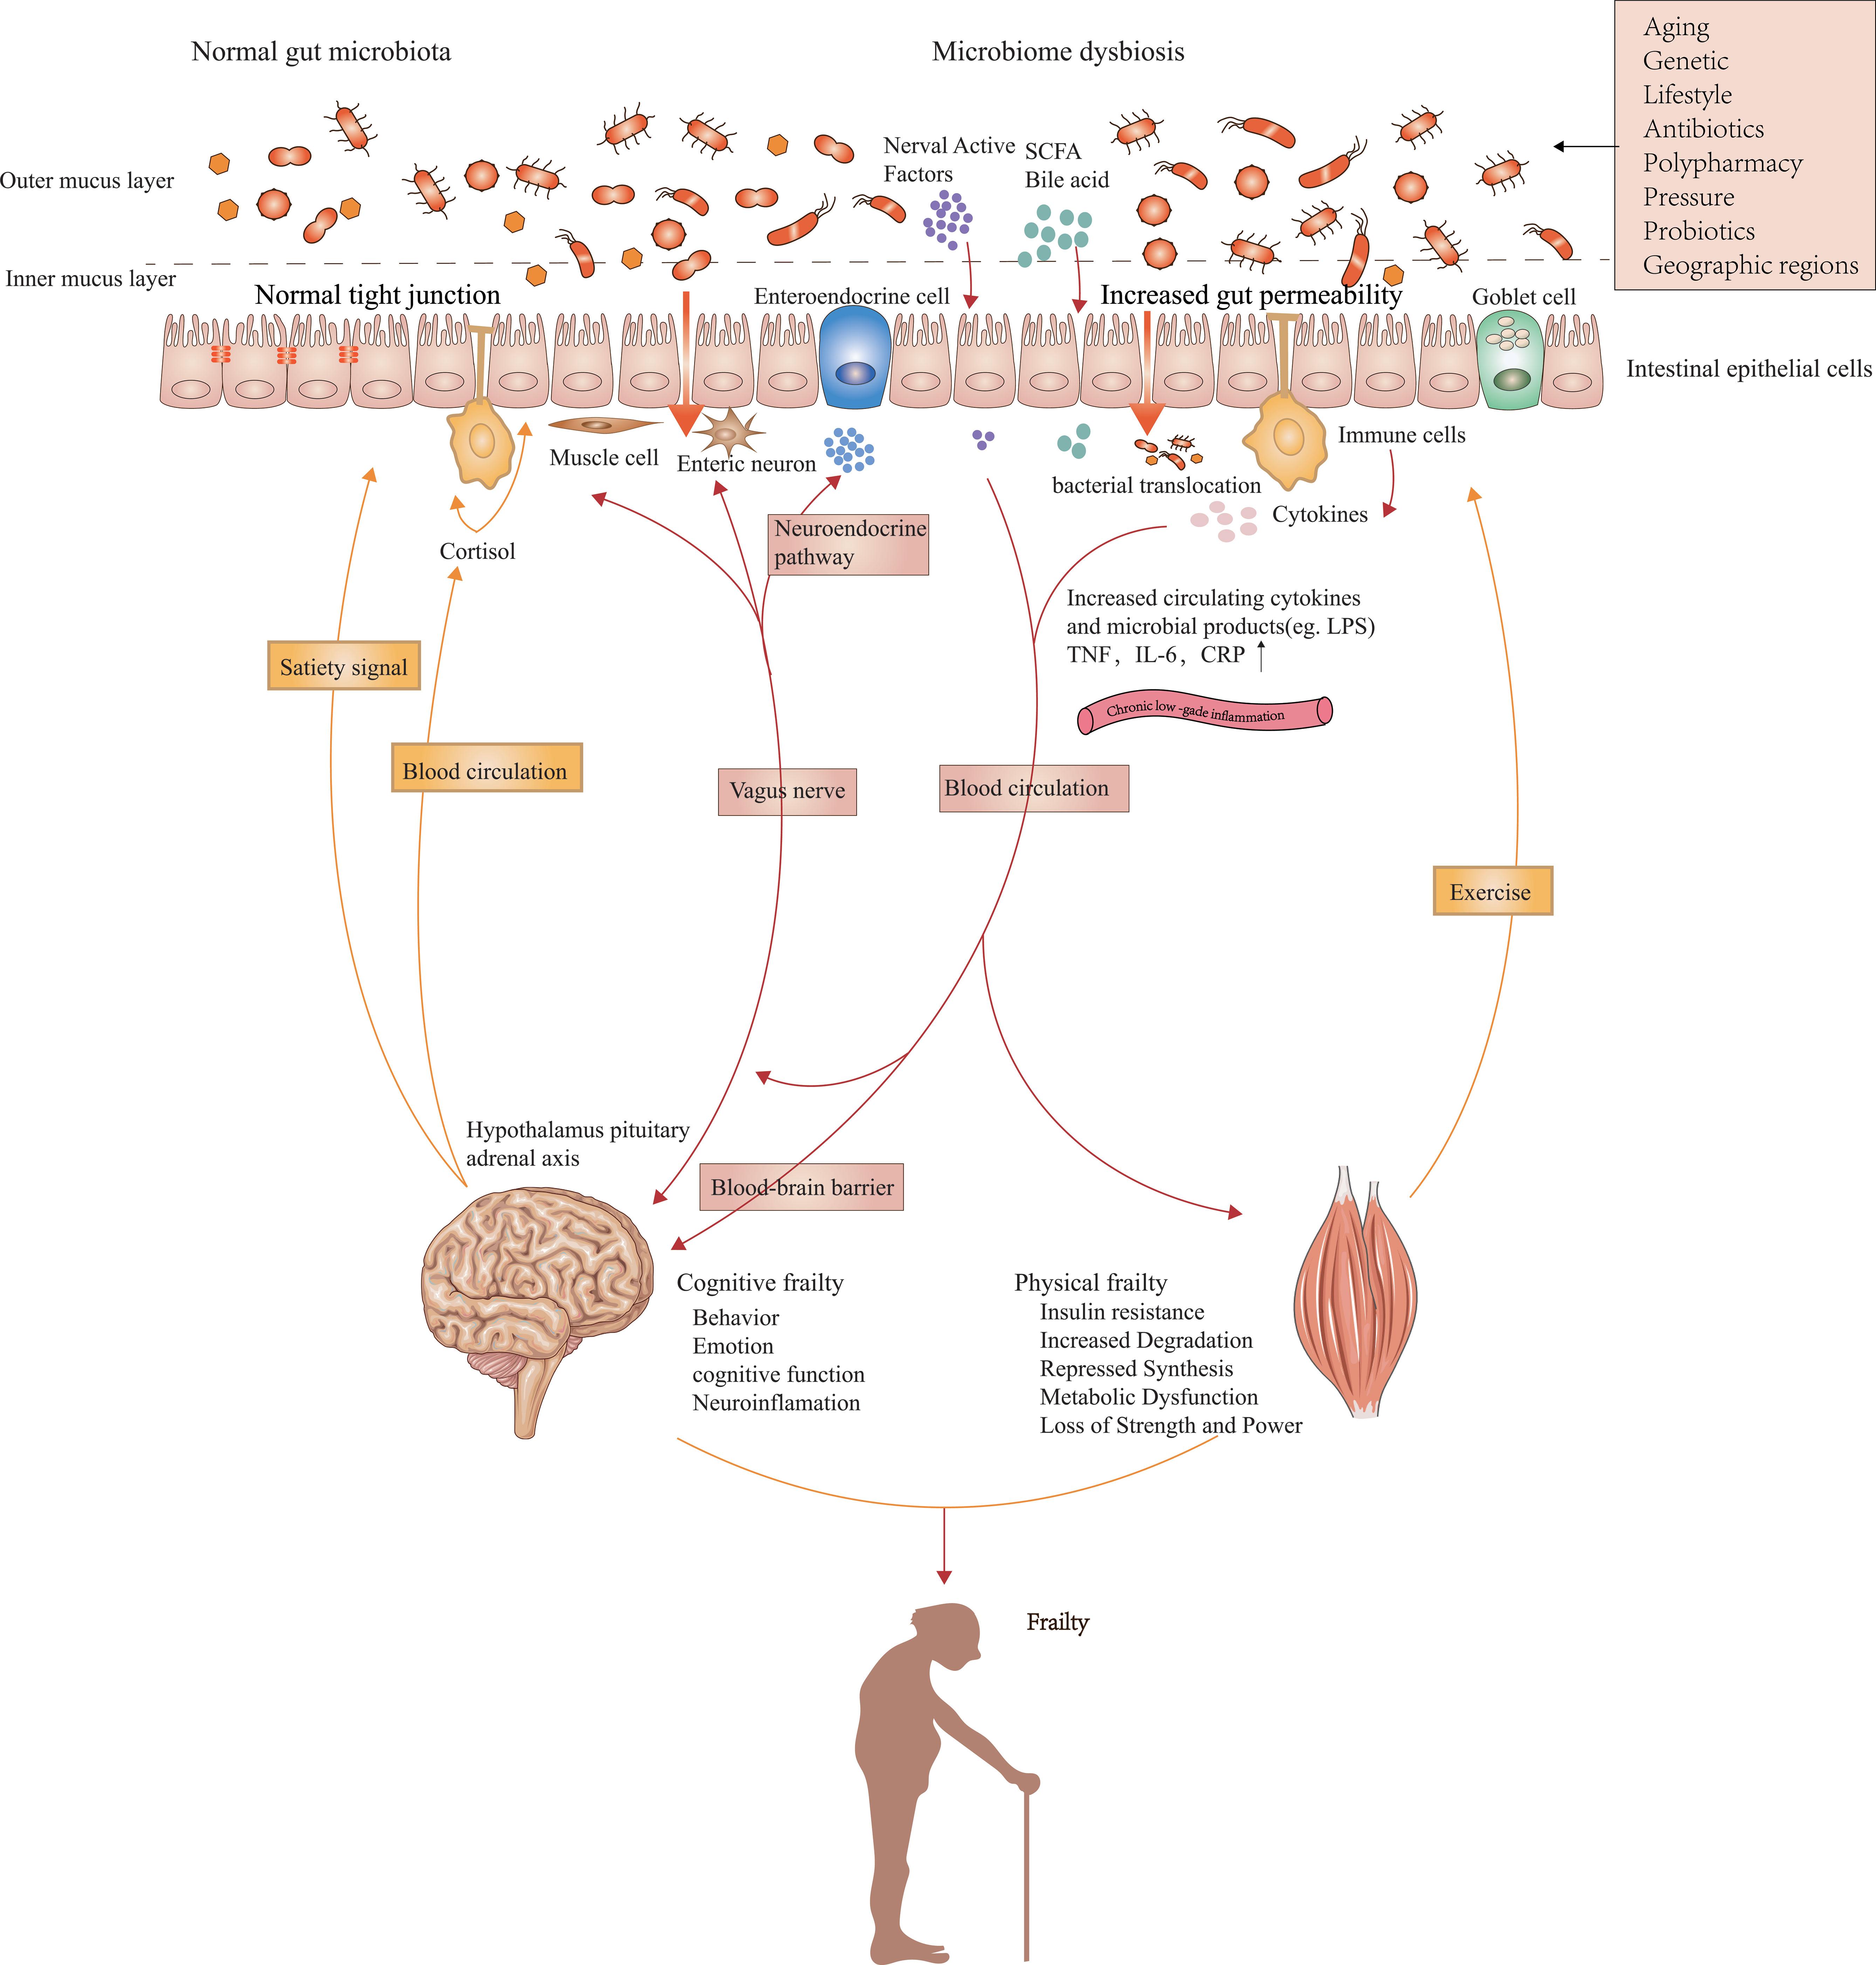 A transzkután vaginális idegstimuláció hatása a nyelőcsőfájdalom túlérzékenységének csökkentésére